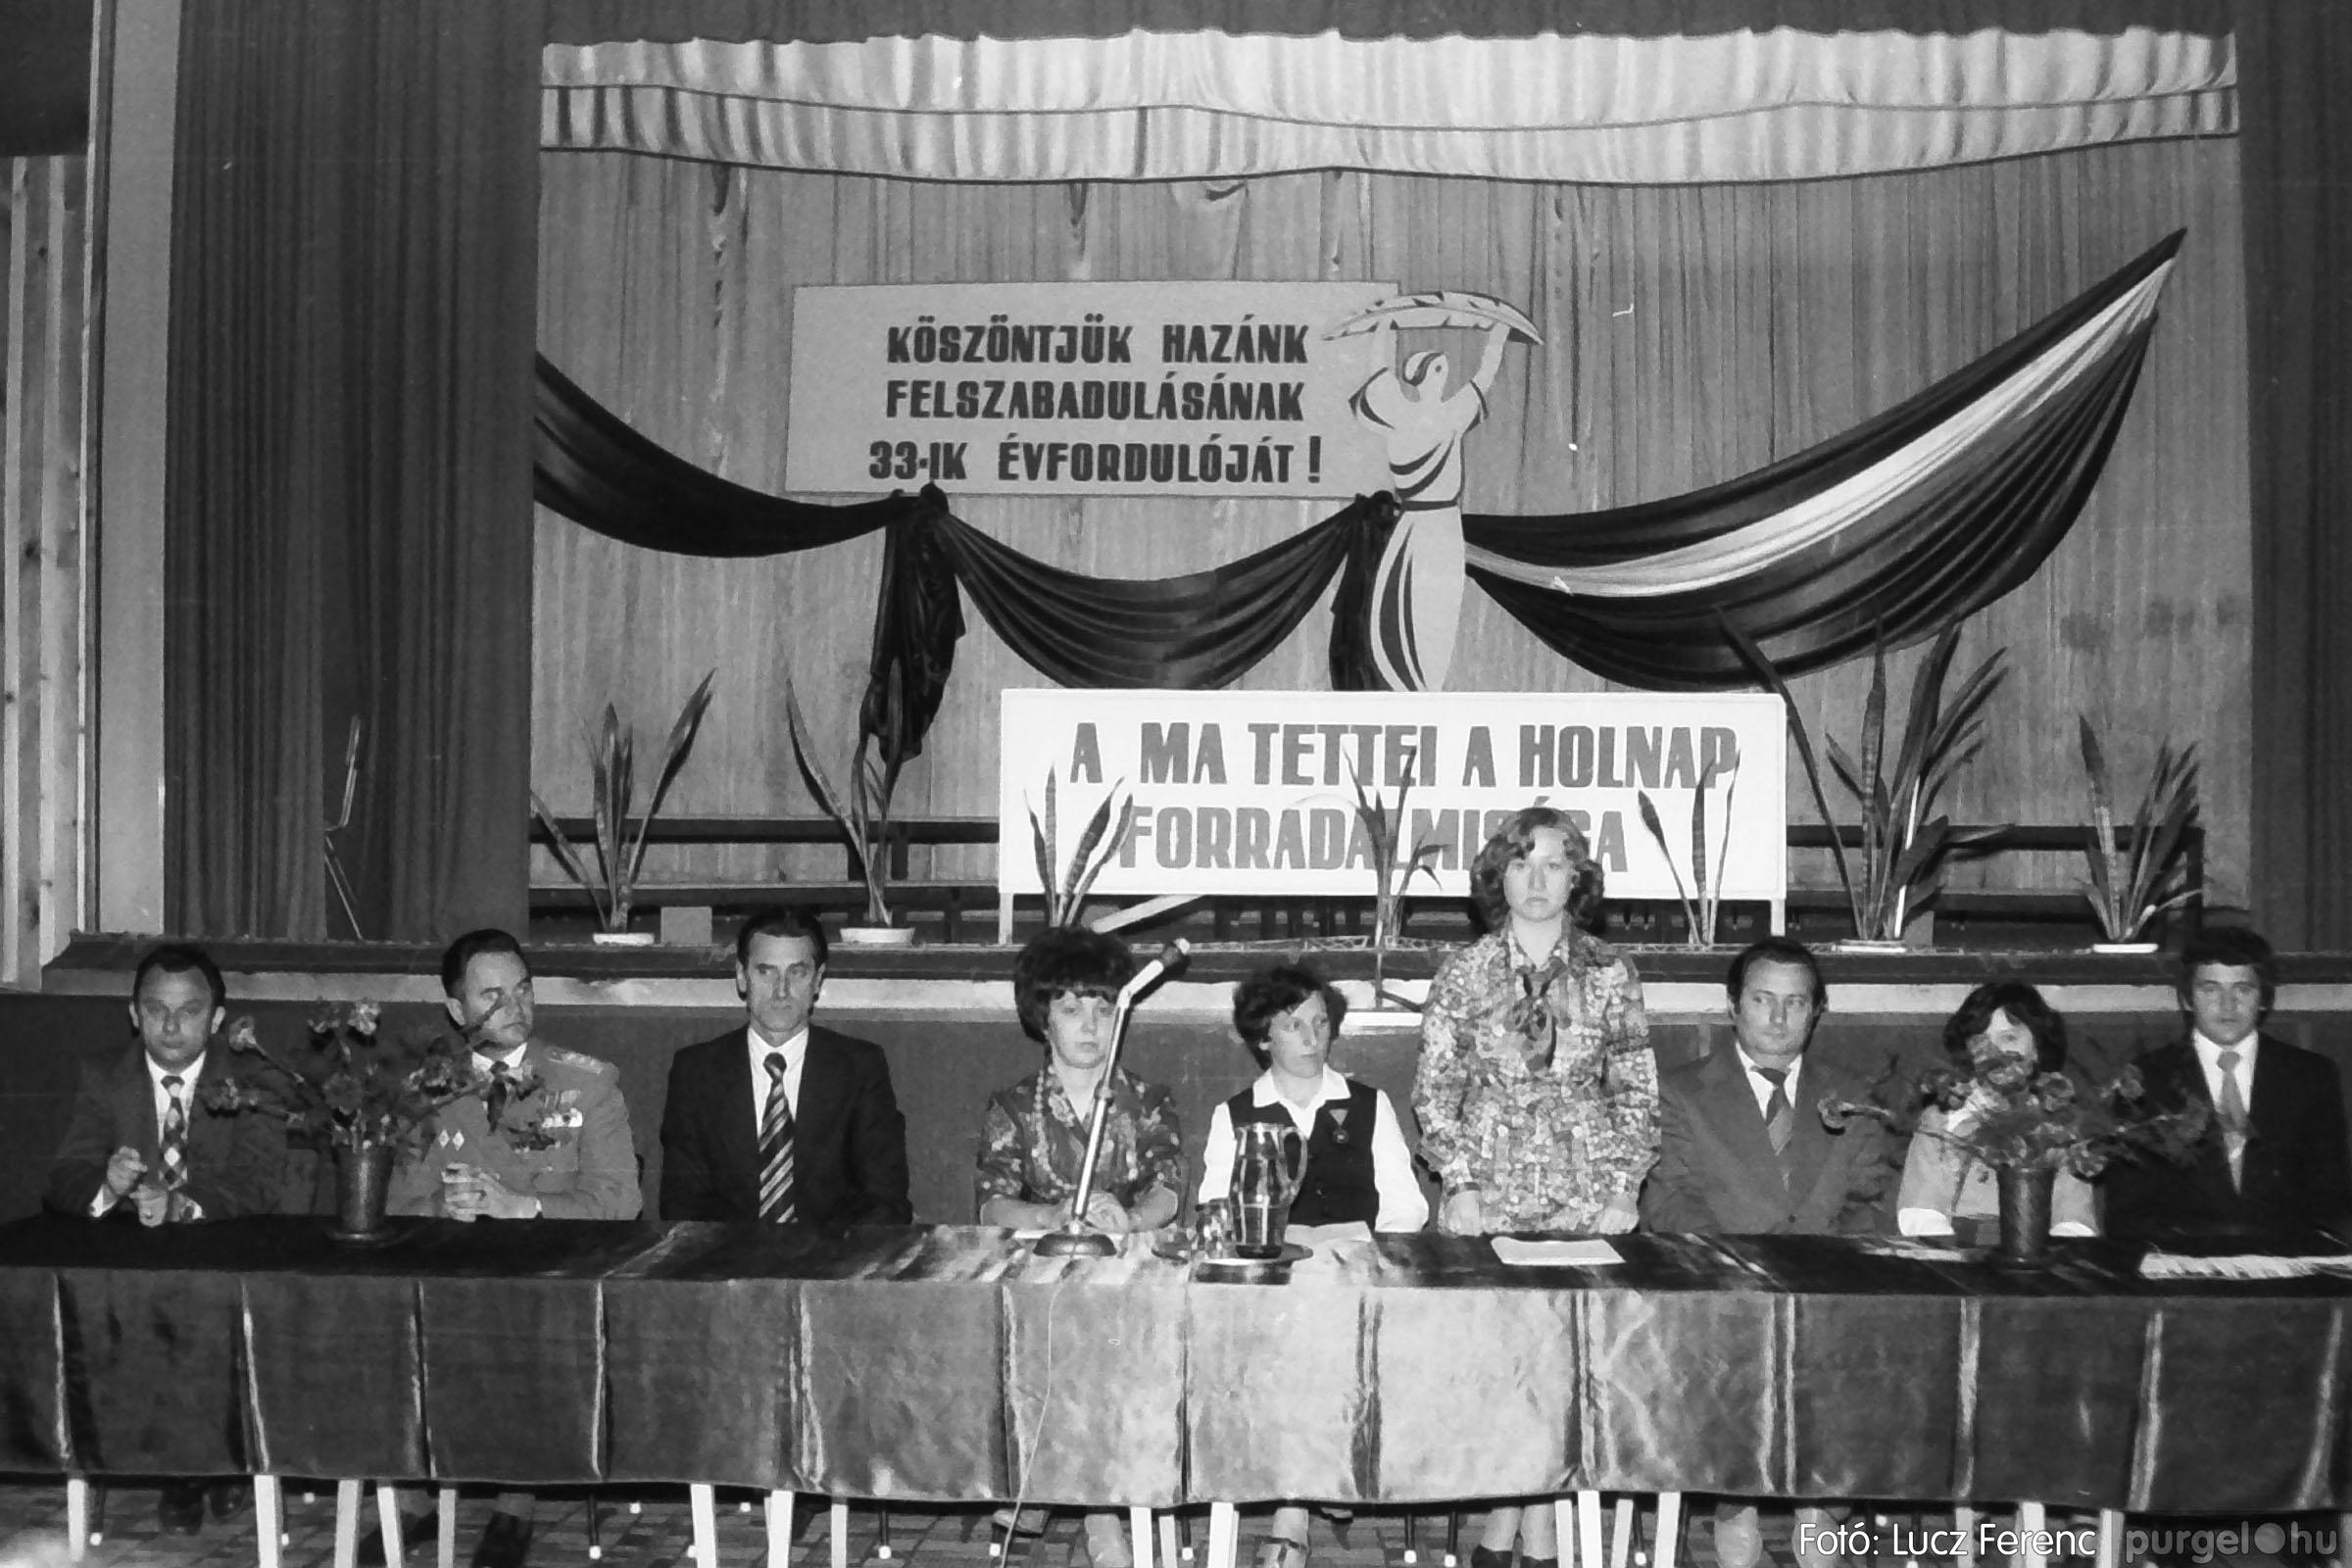 109. 1978. Április 4-i ünnepségek 026. - Fotó: Lucz Ferenc.jpg